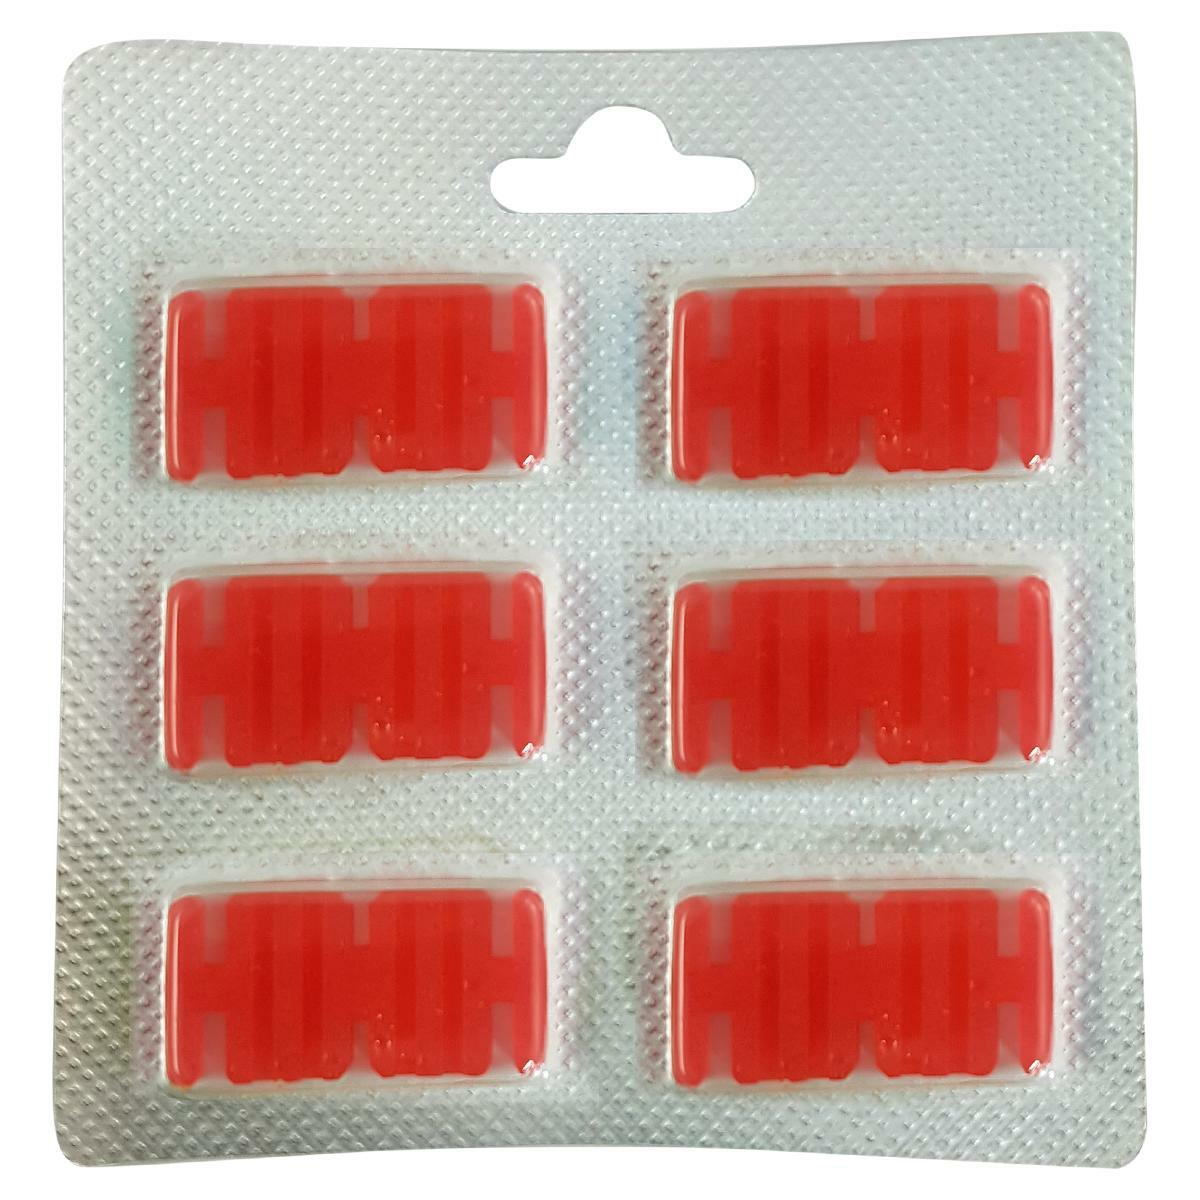 bierre store kit 36 profumi per folletto vk135 vk136 vk140 vk150 vk200 frutti rossi compatibile